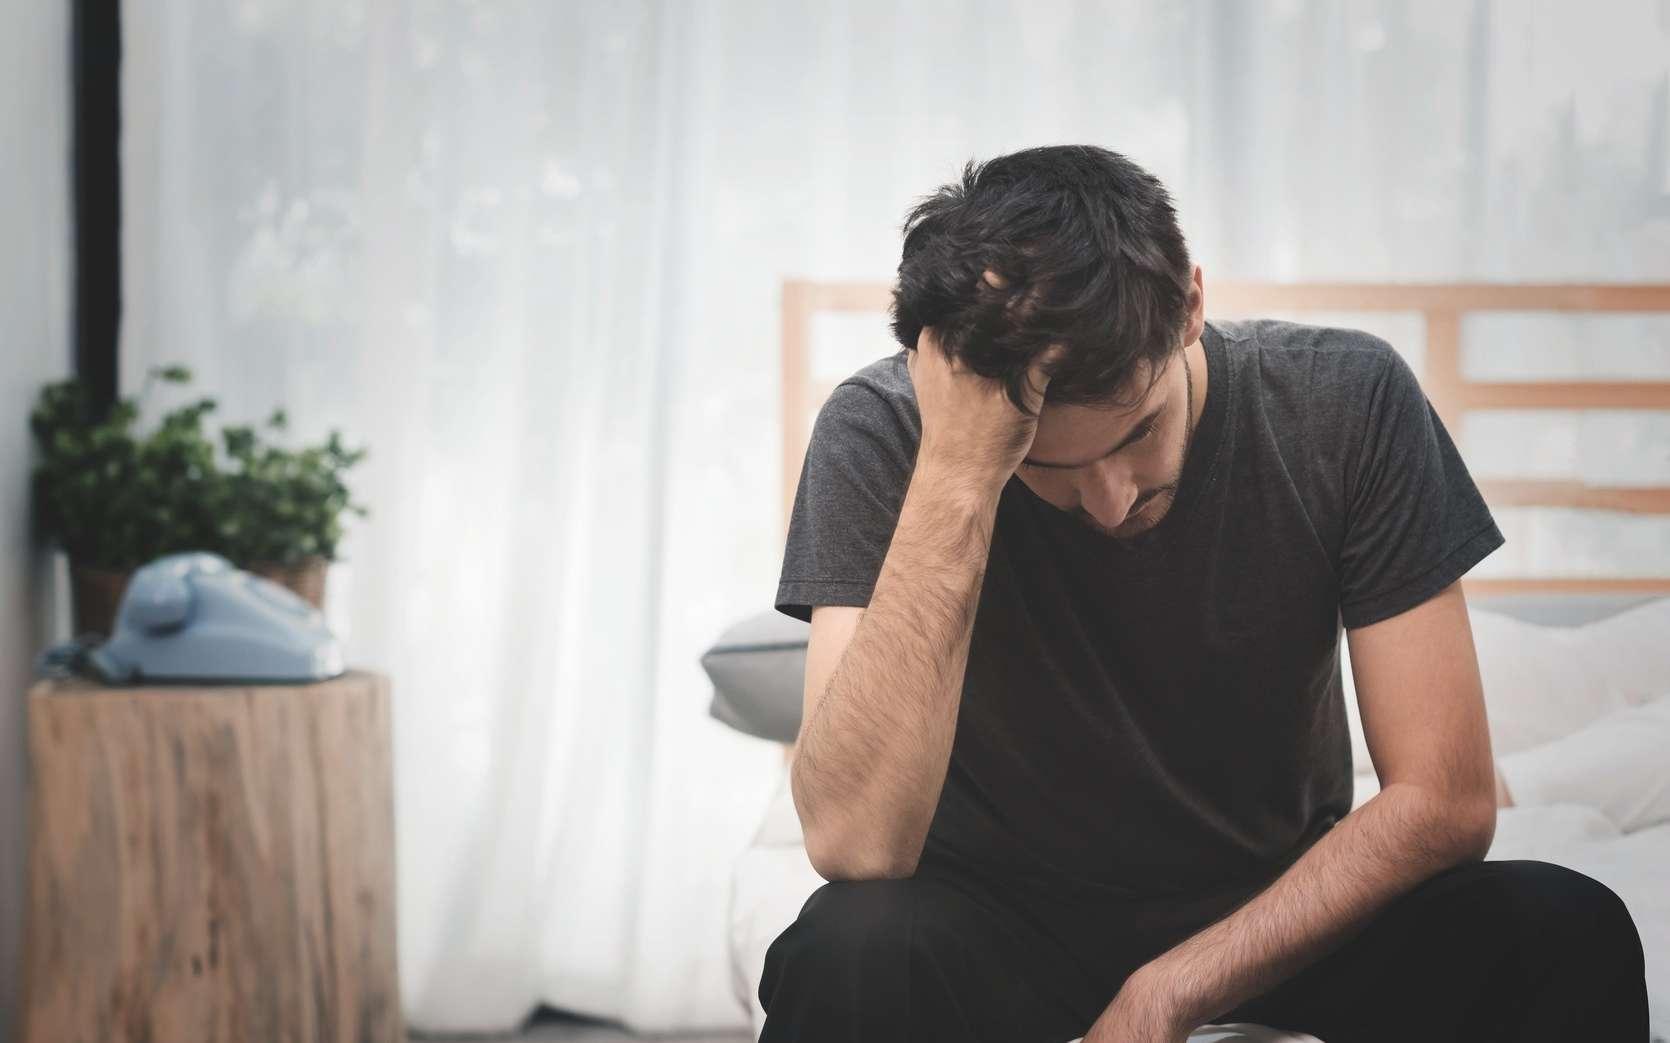 Dans une petite étude, des hommes qui souffrent de migraine avaient des niveaux d'œstradiol plus élevés que les autres. © eggeeggjiew, Fotolia